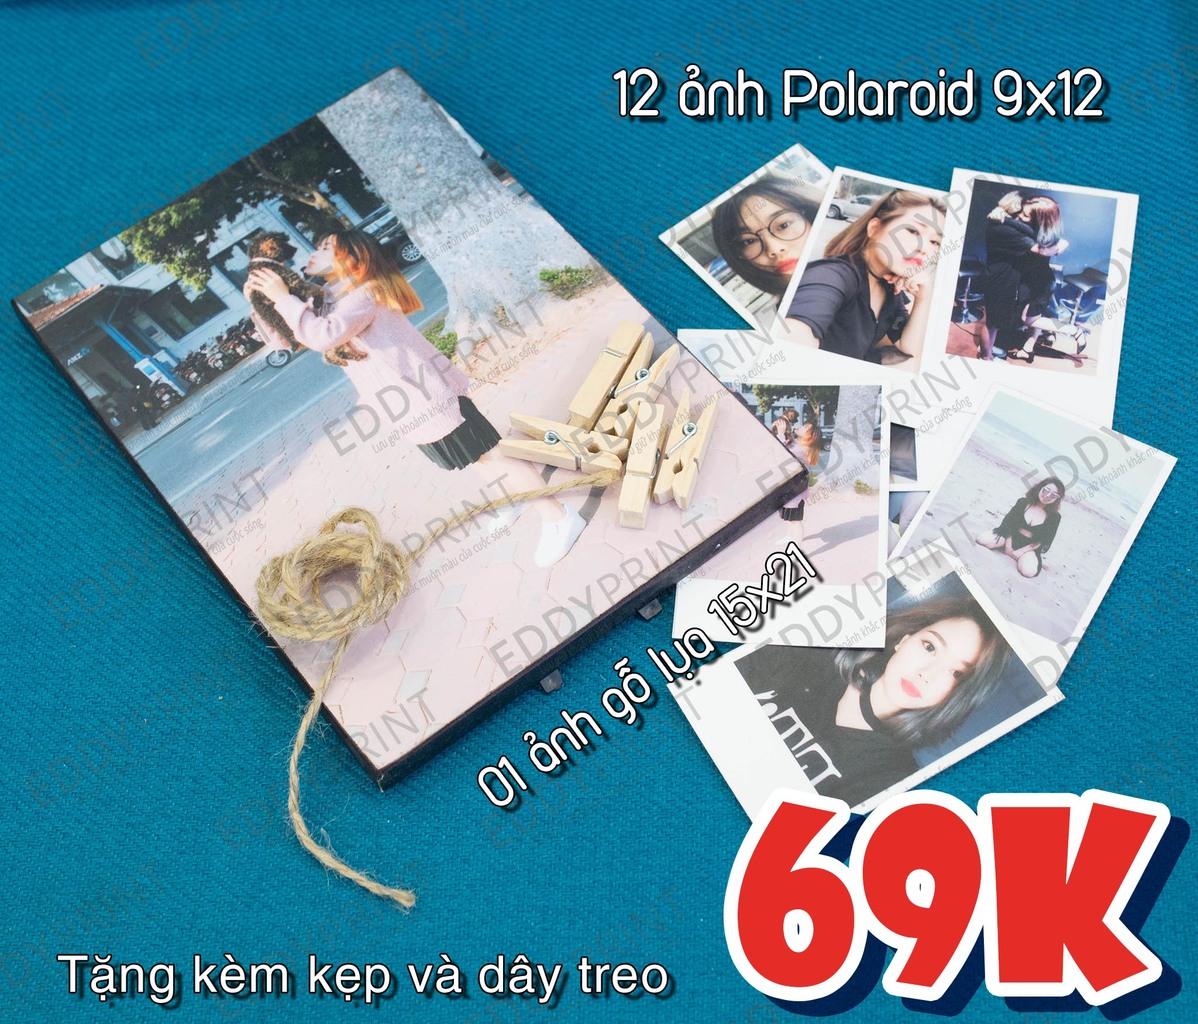 5 Combo in ảnh giá rẻ độc đáo cùng album polaroid